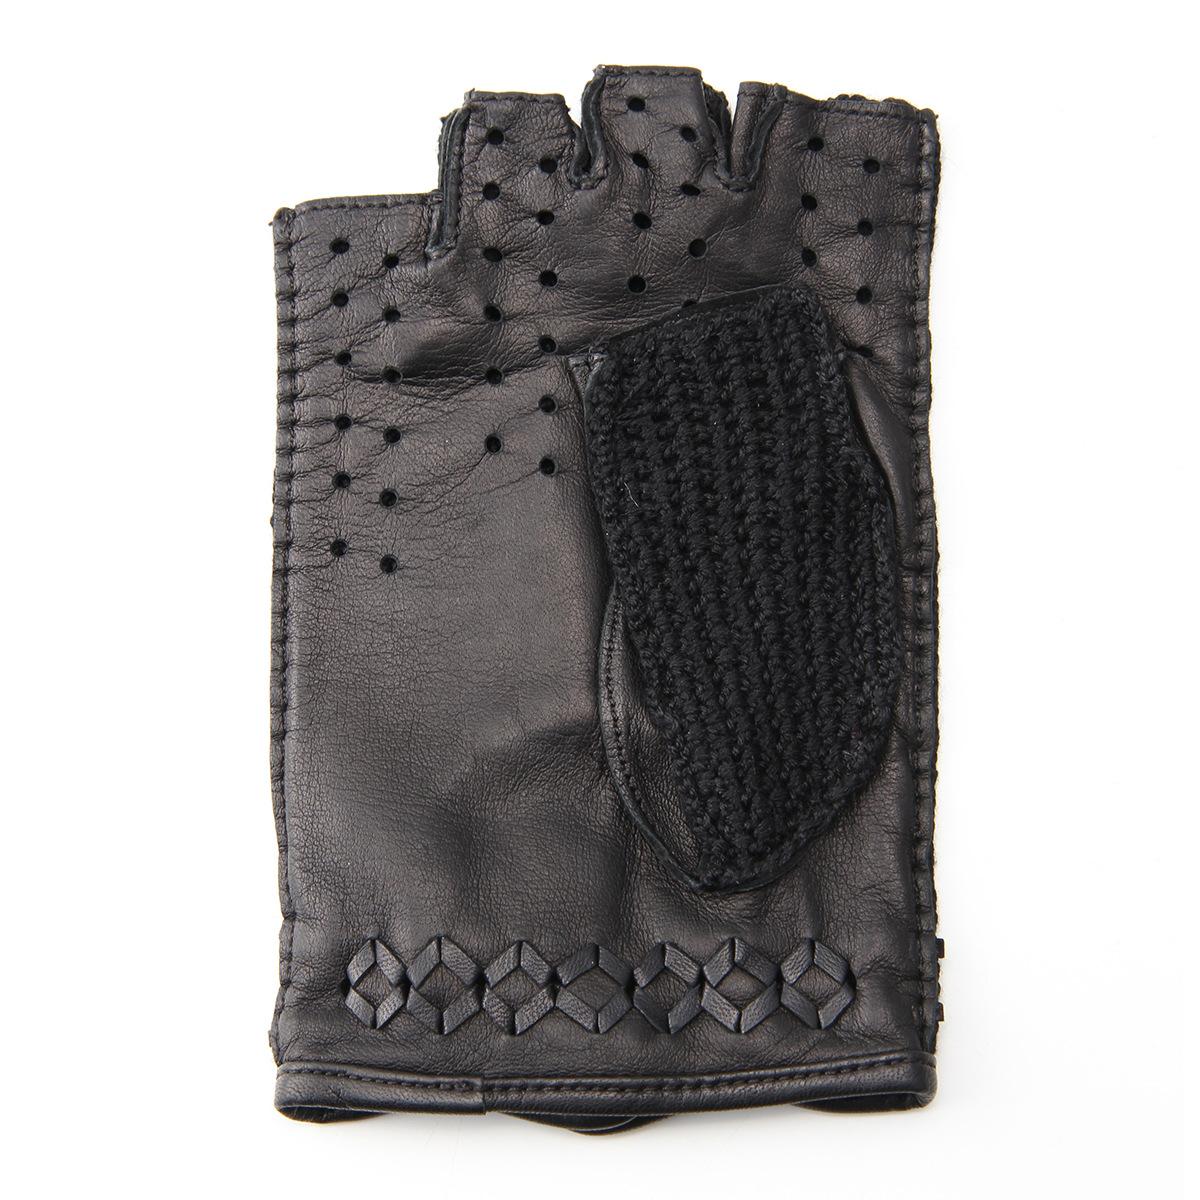 半指 メッシュ ドライビンググローブ メンズ 羊革 シルク 鉤針編 アルタクラッセ カプリガンティ ブラック 保存袋付